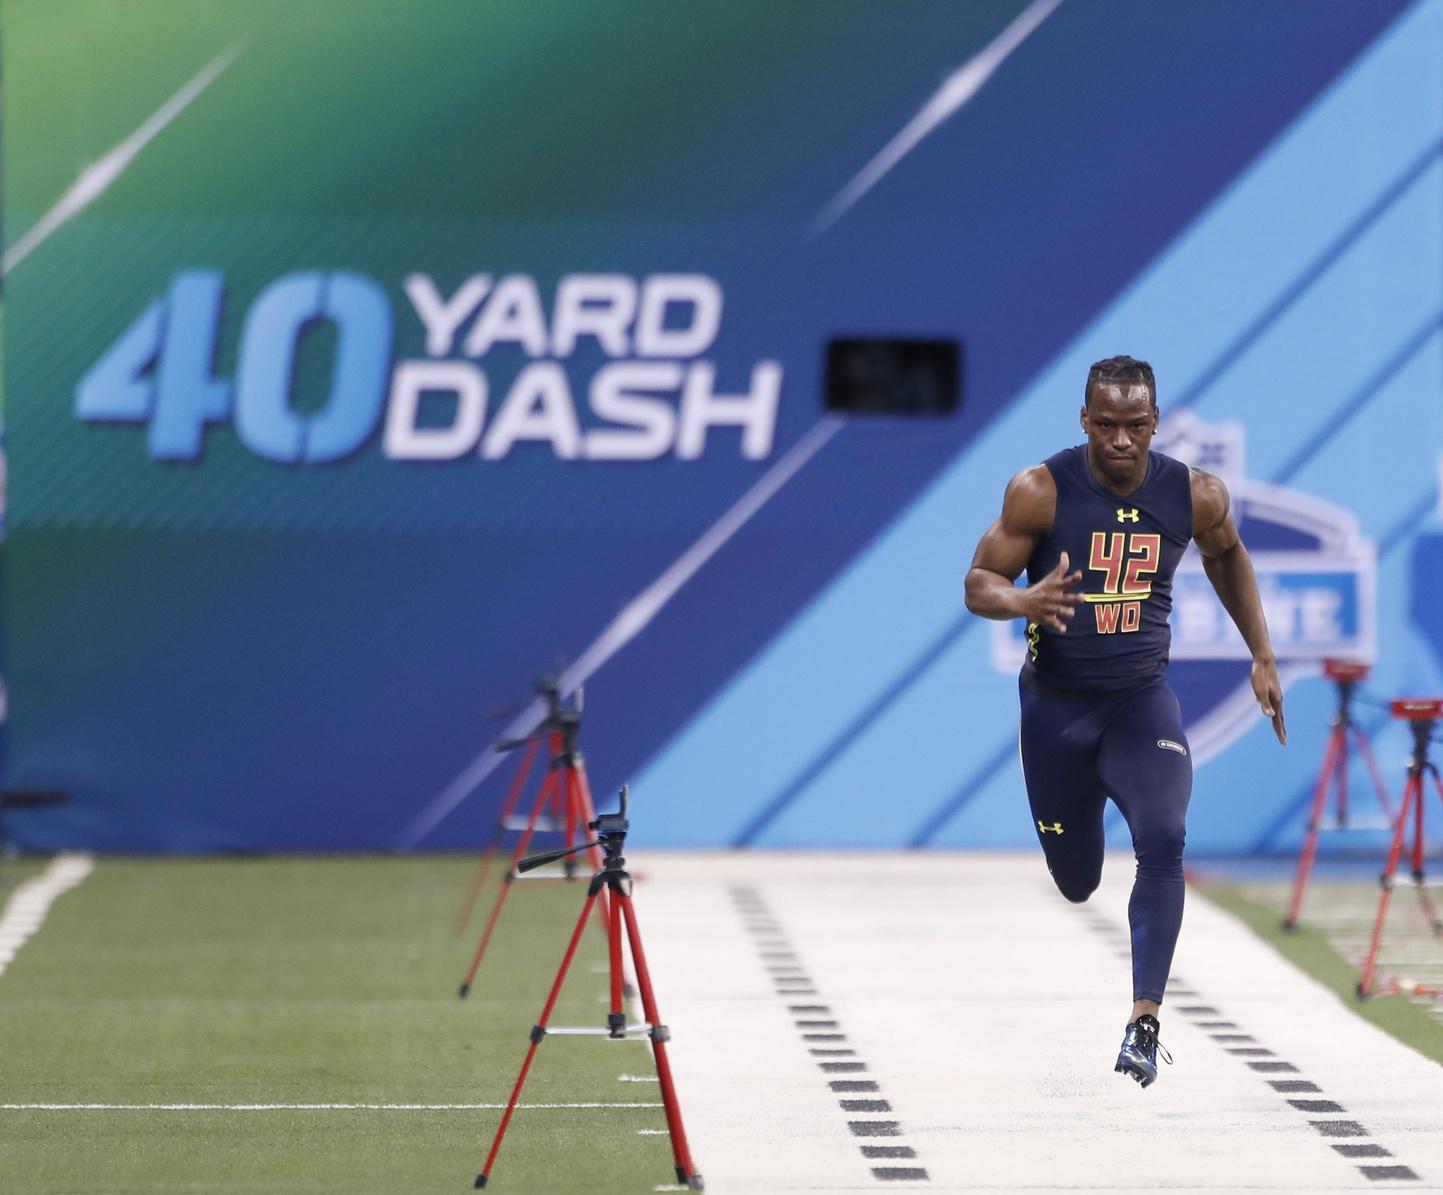 John Ross, 2017 NFL Draft